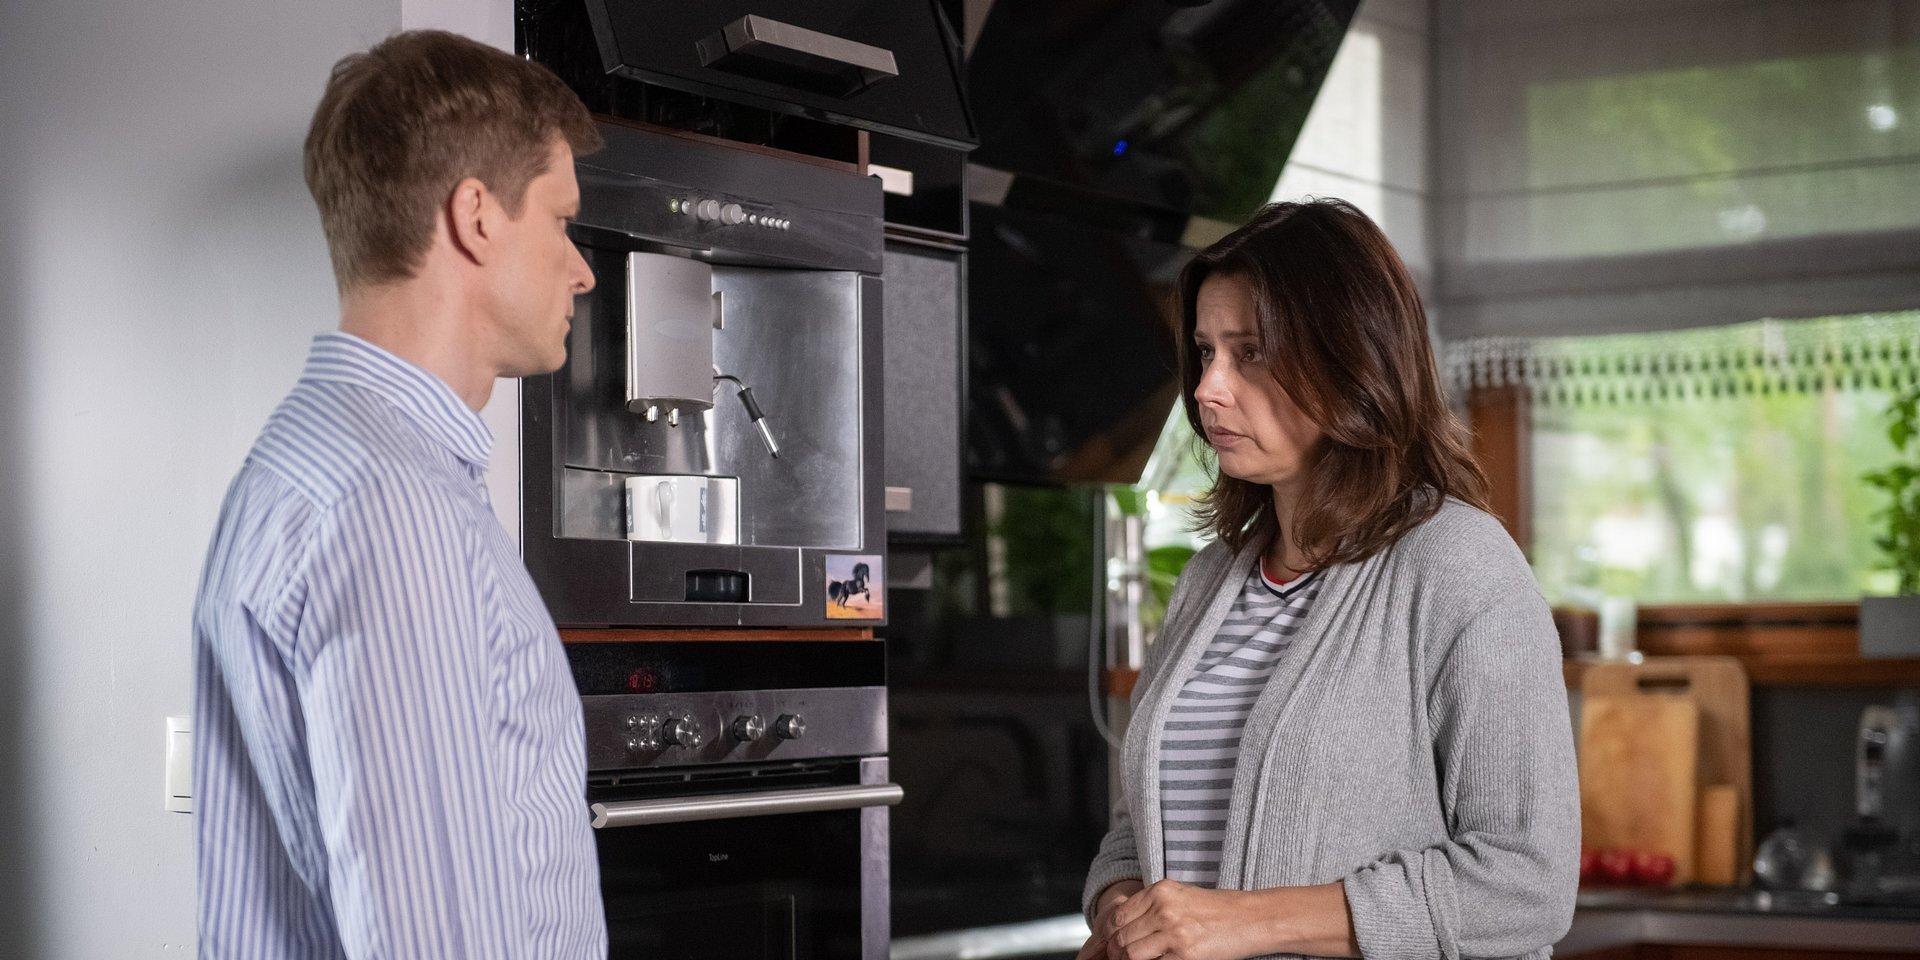 Na Wspólnej: Robert ponownie zawodzi, a Agnieszka podejrzewa, że jest oszukiwana!